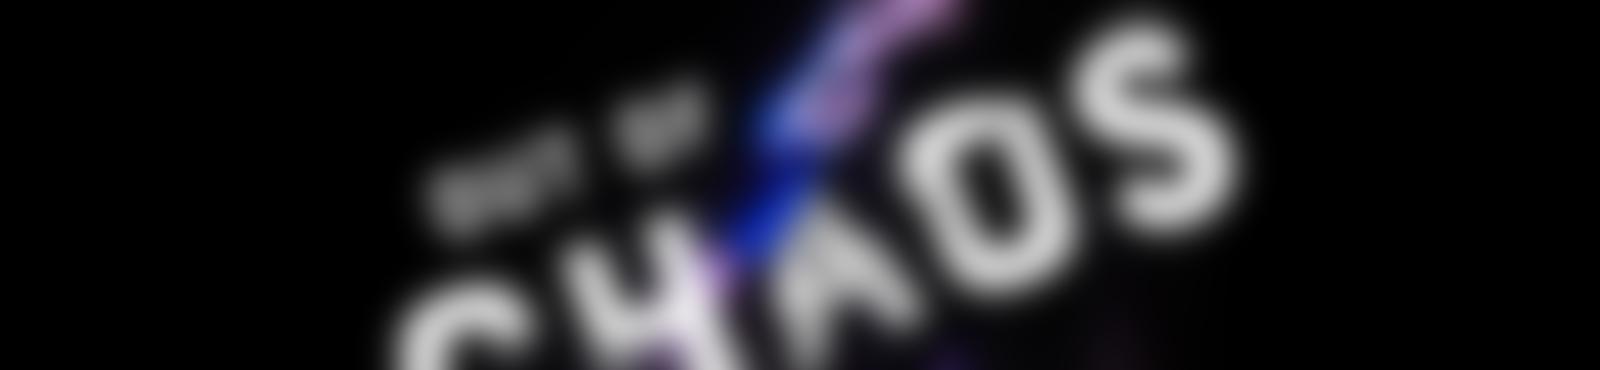 Blurred e2866716 b79f 41c7 b42f aac4e7d5a30b